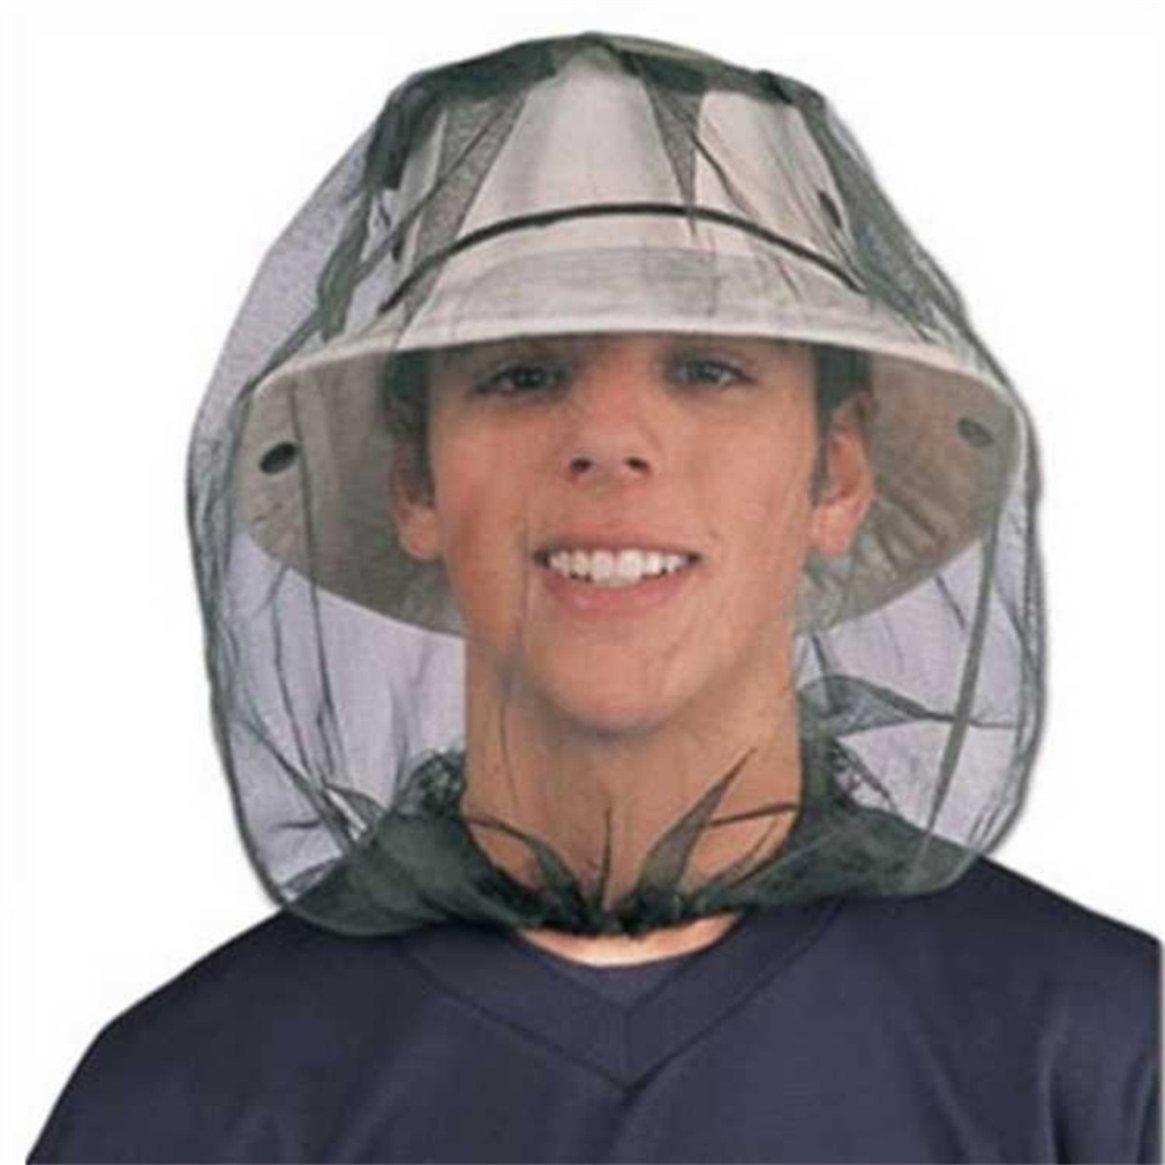 Delicacydex Midge Mosquito Insect Cappello Bug Mesh Head Net Face Cover protettiva per campeggio allaperto Viaggi Backpacking Fishing